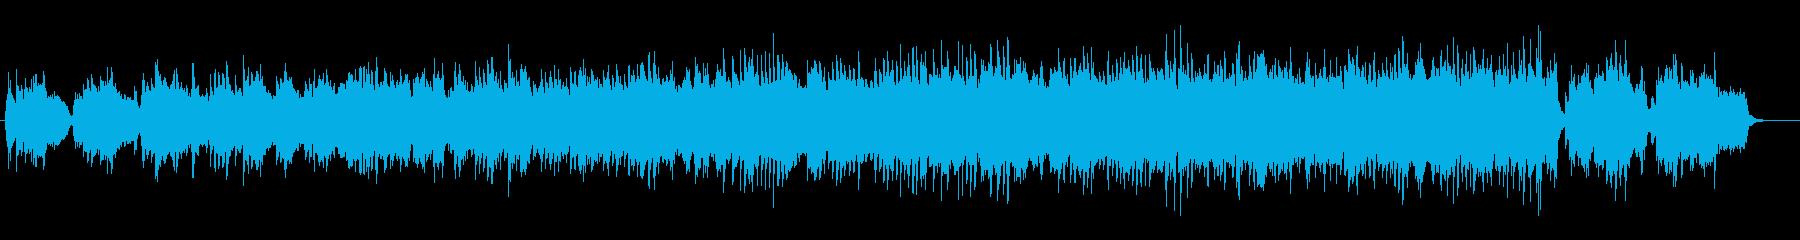 ピアノとストリングスの勇気が出るバラードの再生済みの波形